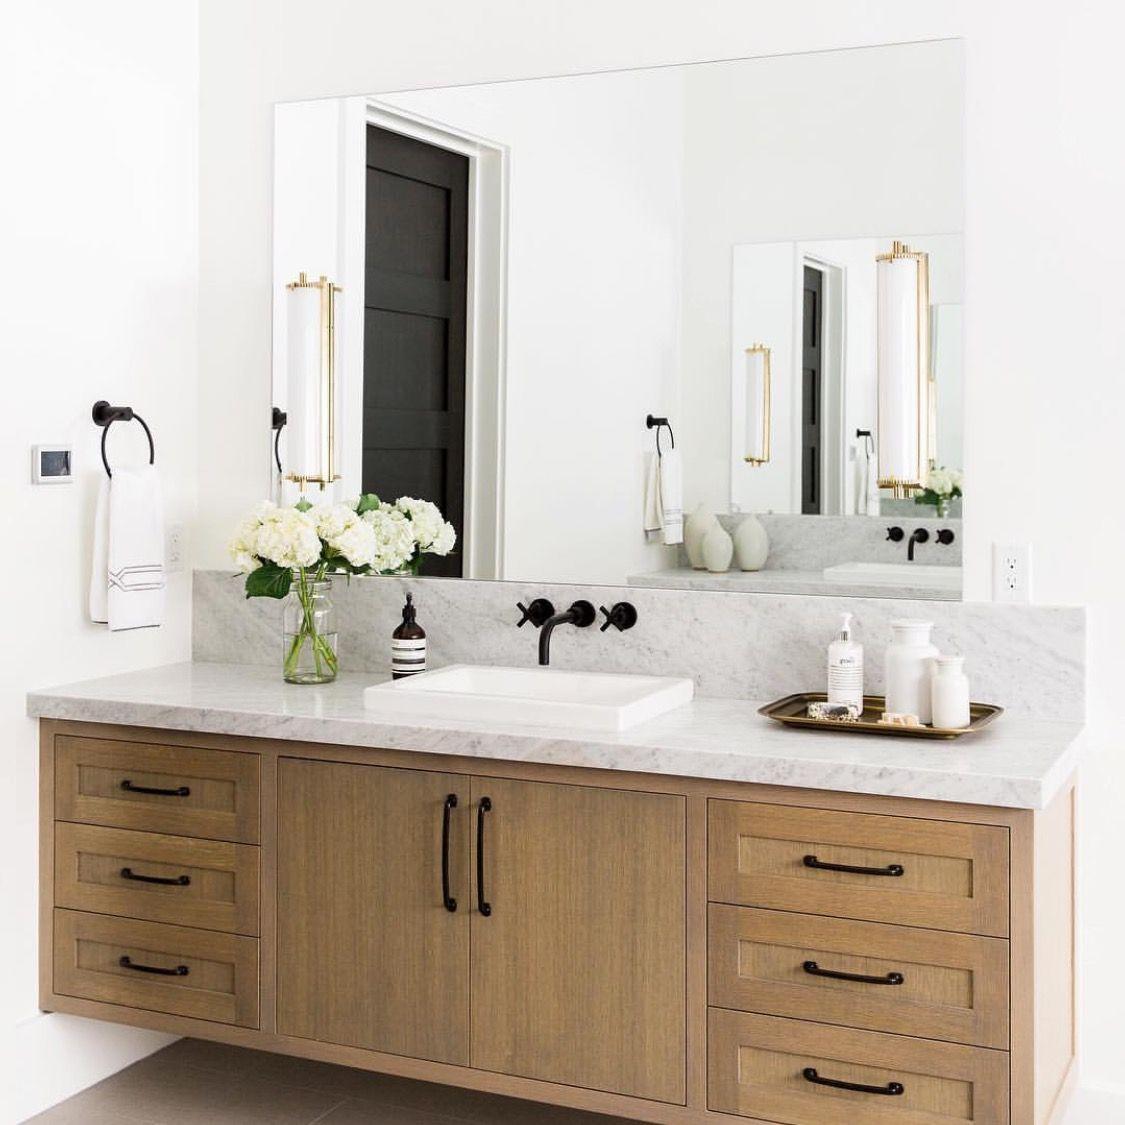 Pin by Dulcie Segooa on nice | Pinterest | Wood vanity, Vanities and ...